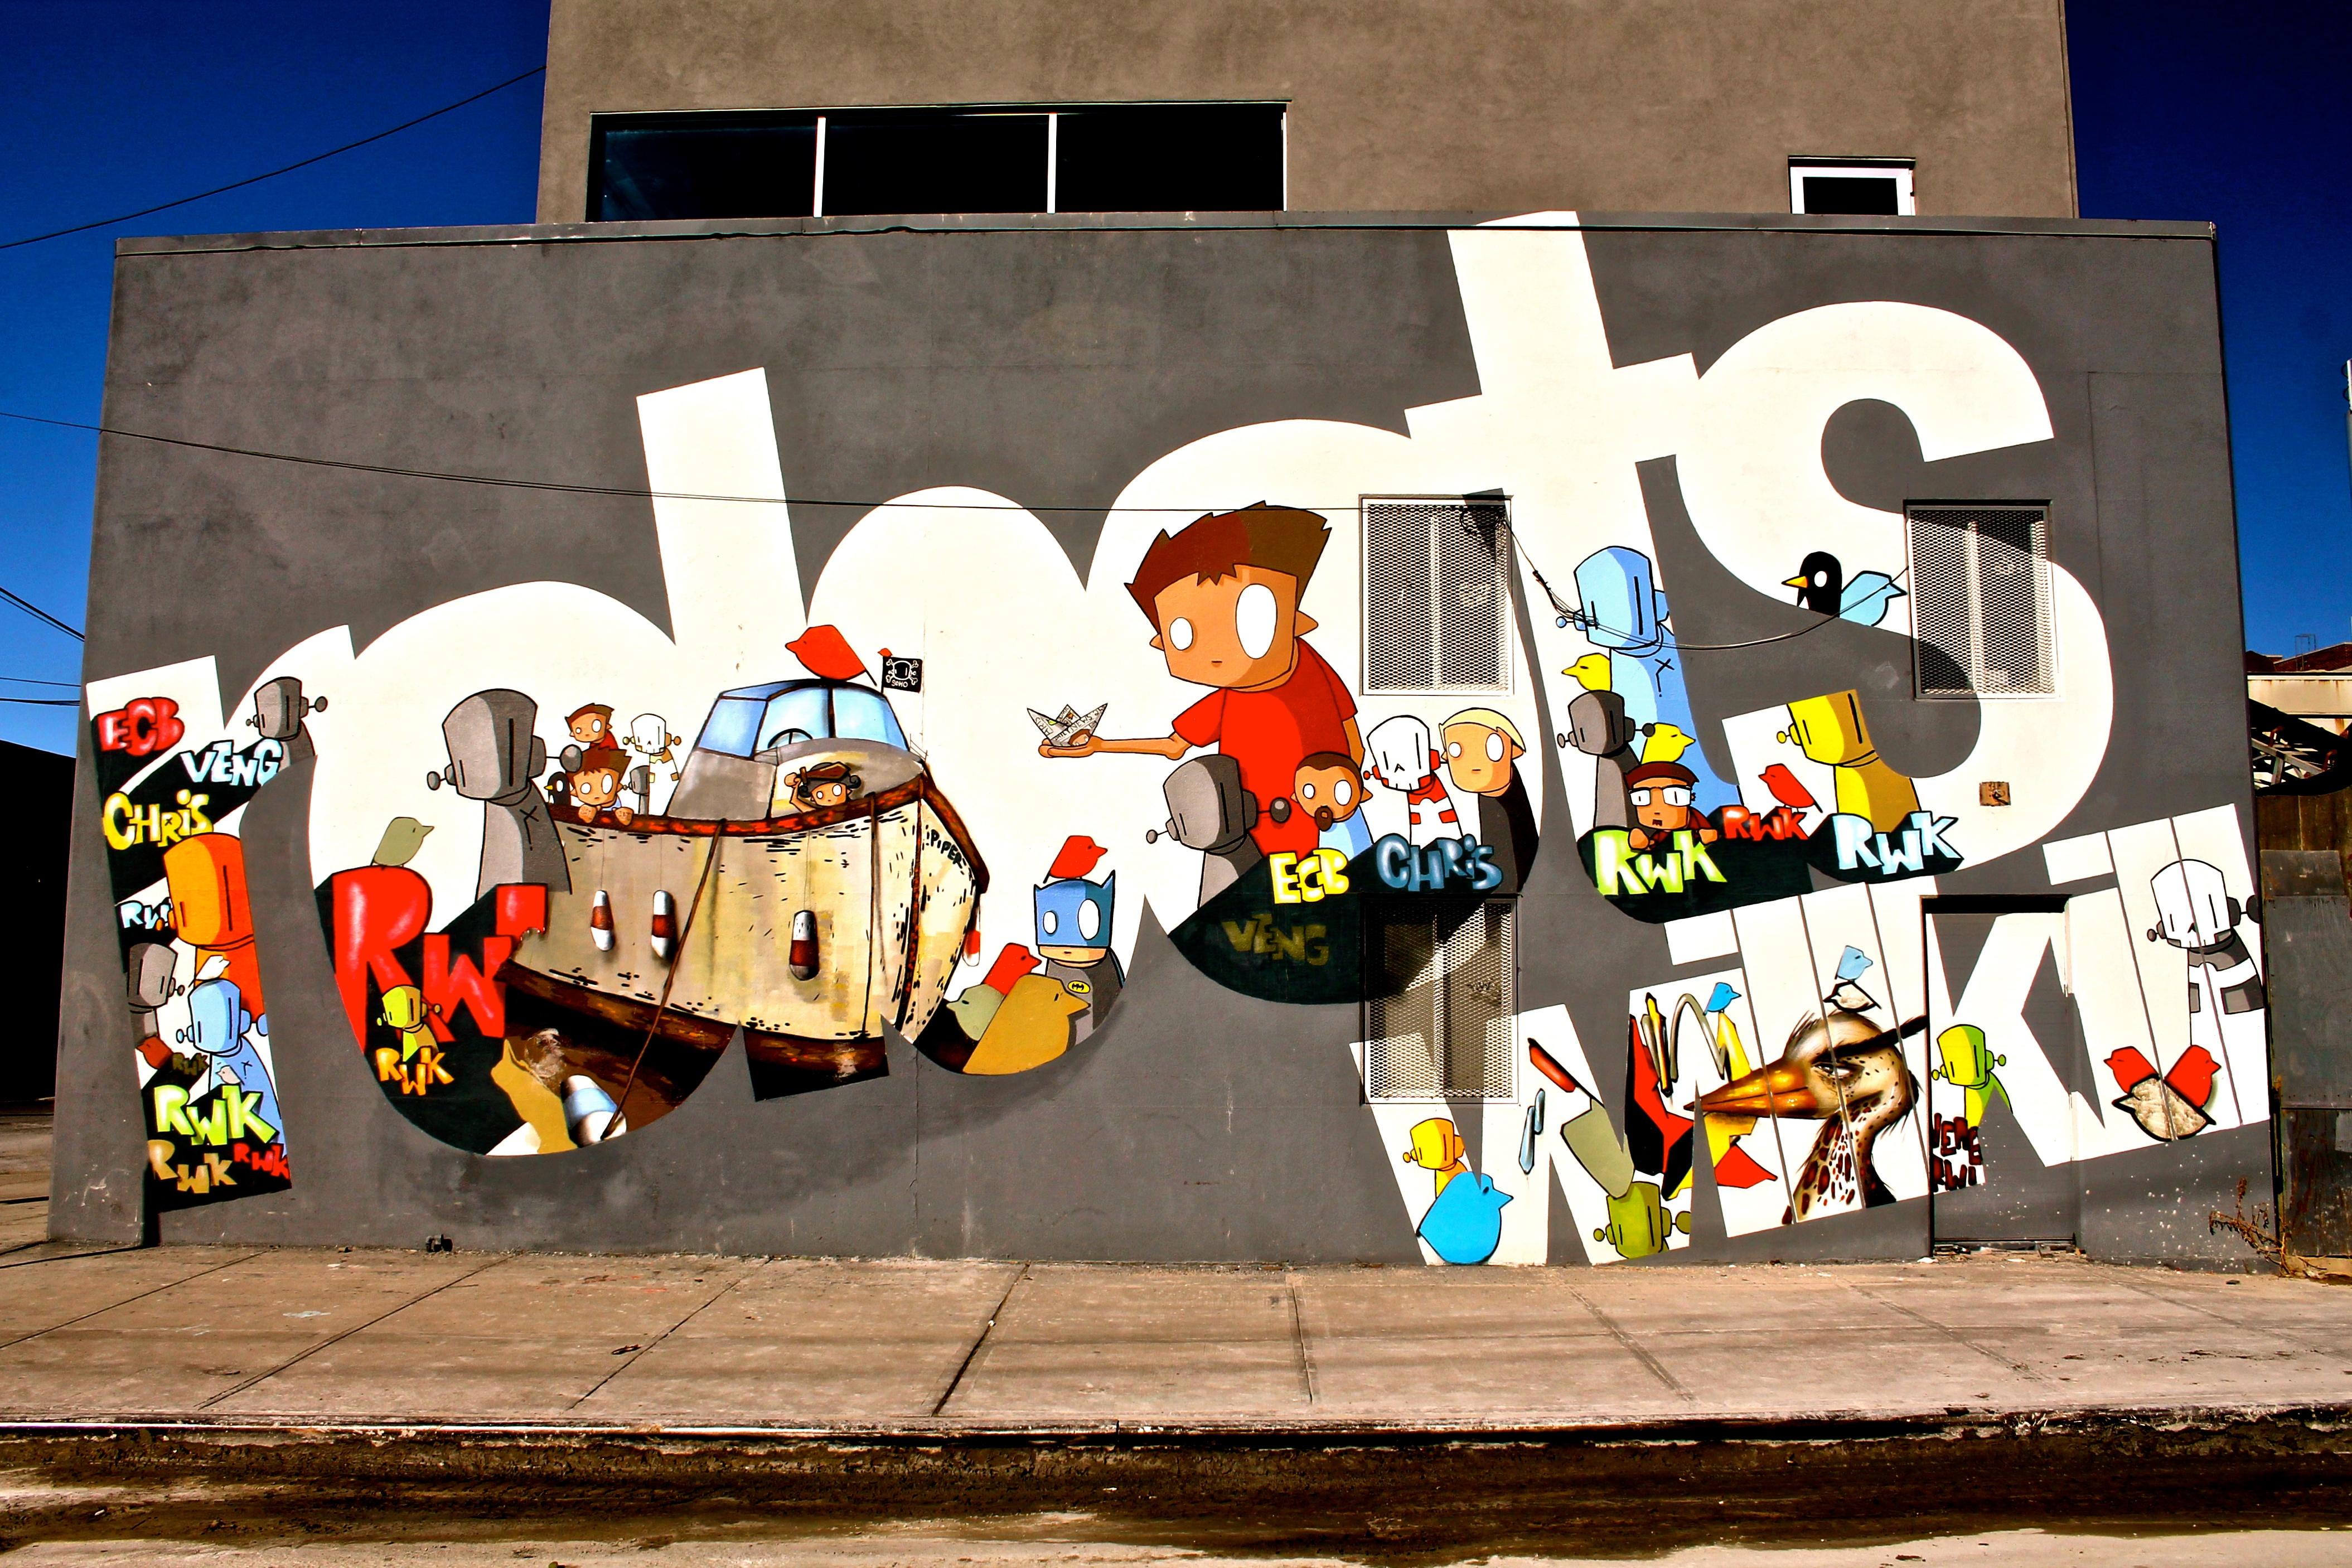 City Street Robot Wall Artwork Graffiti Art Mural York ART New Streetart Nyc Recreation Bushwick